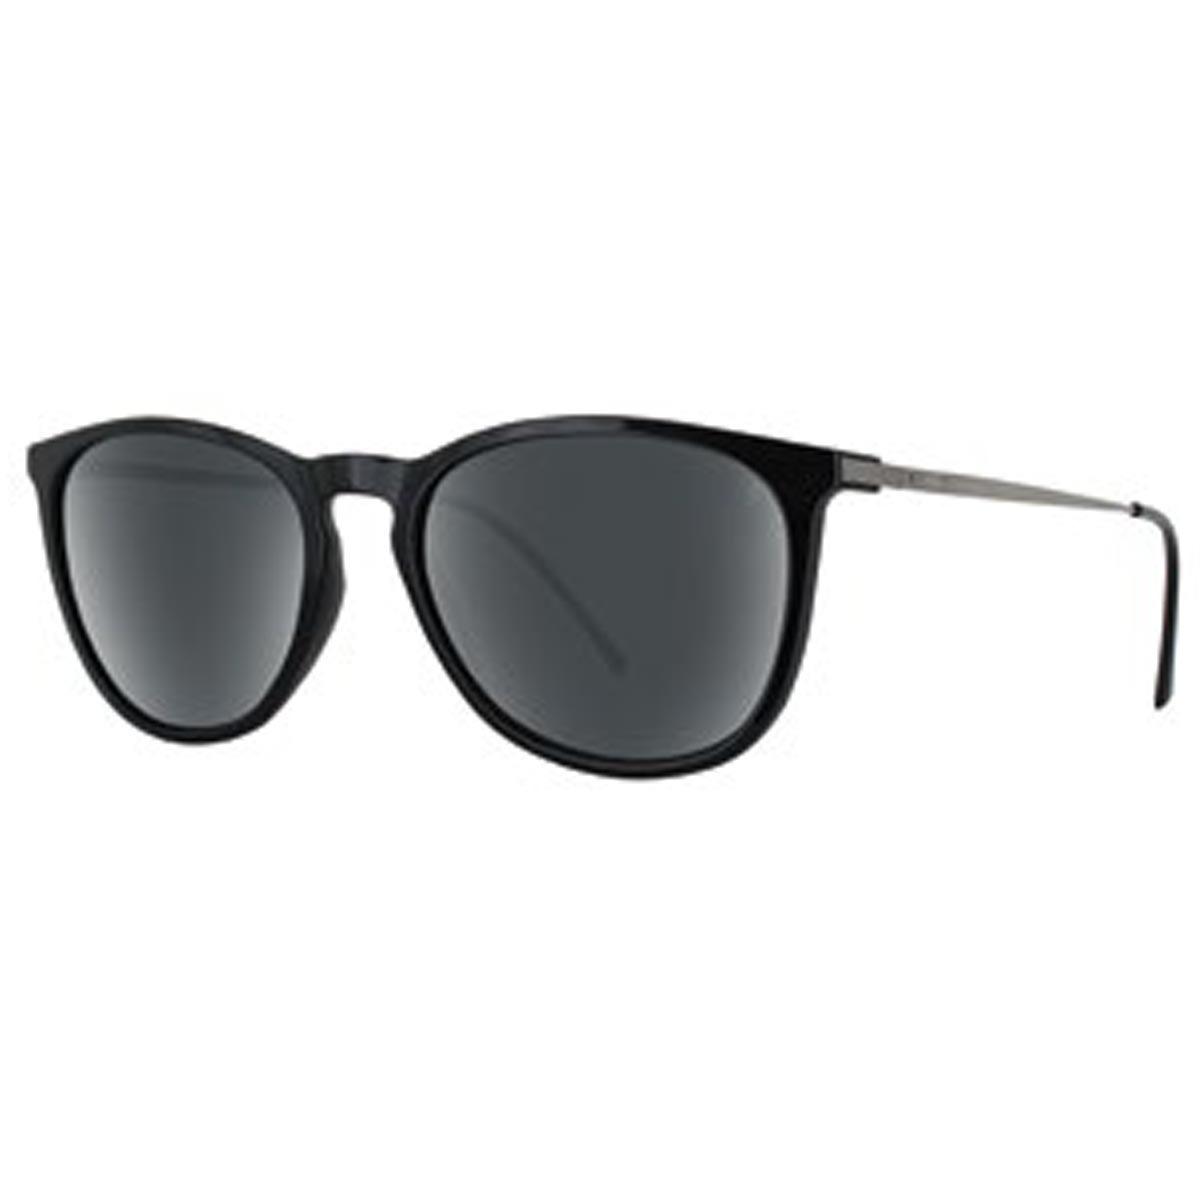 30631258ef0d3 Óculos De Sol Hb Tanami - Gloss black - R  299